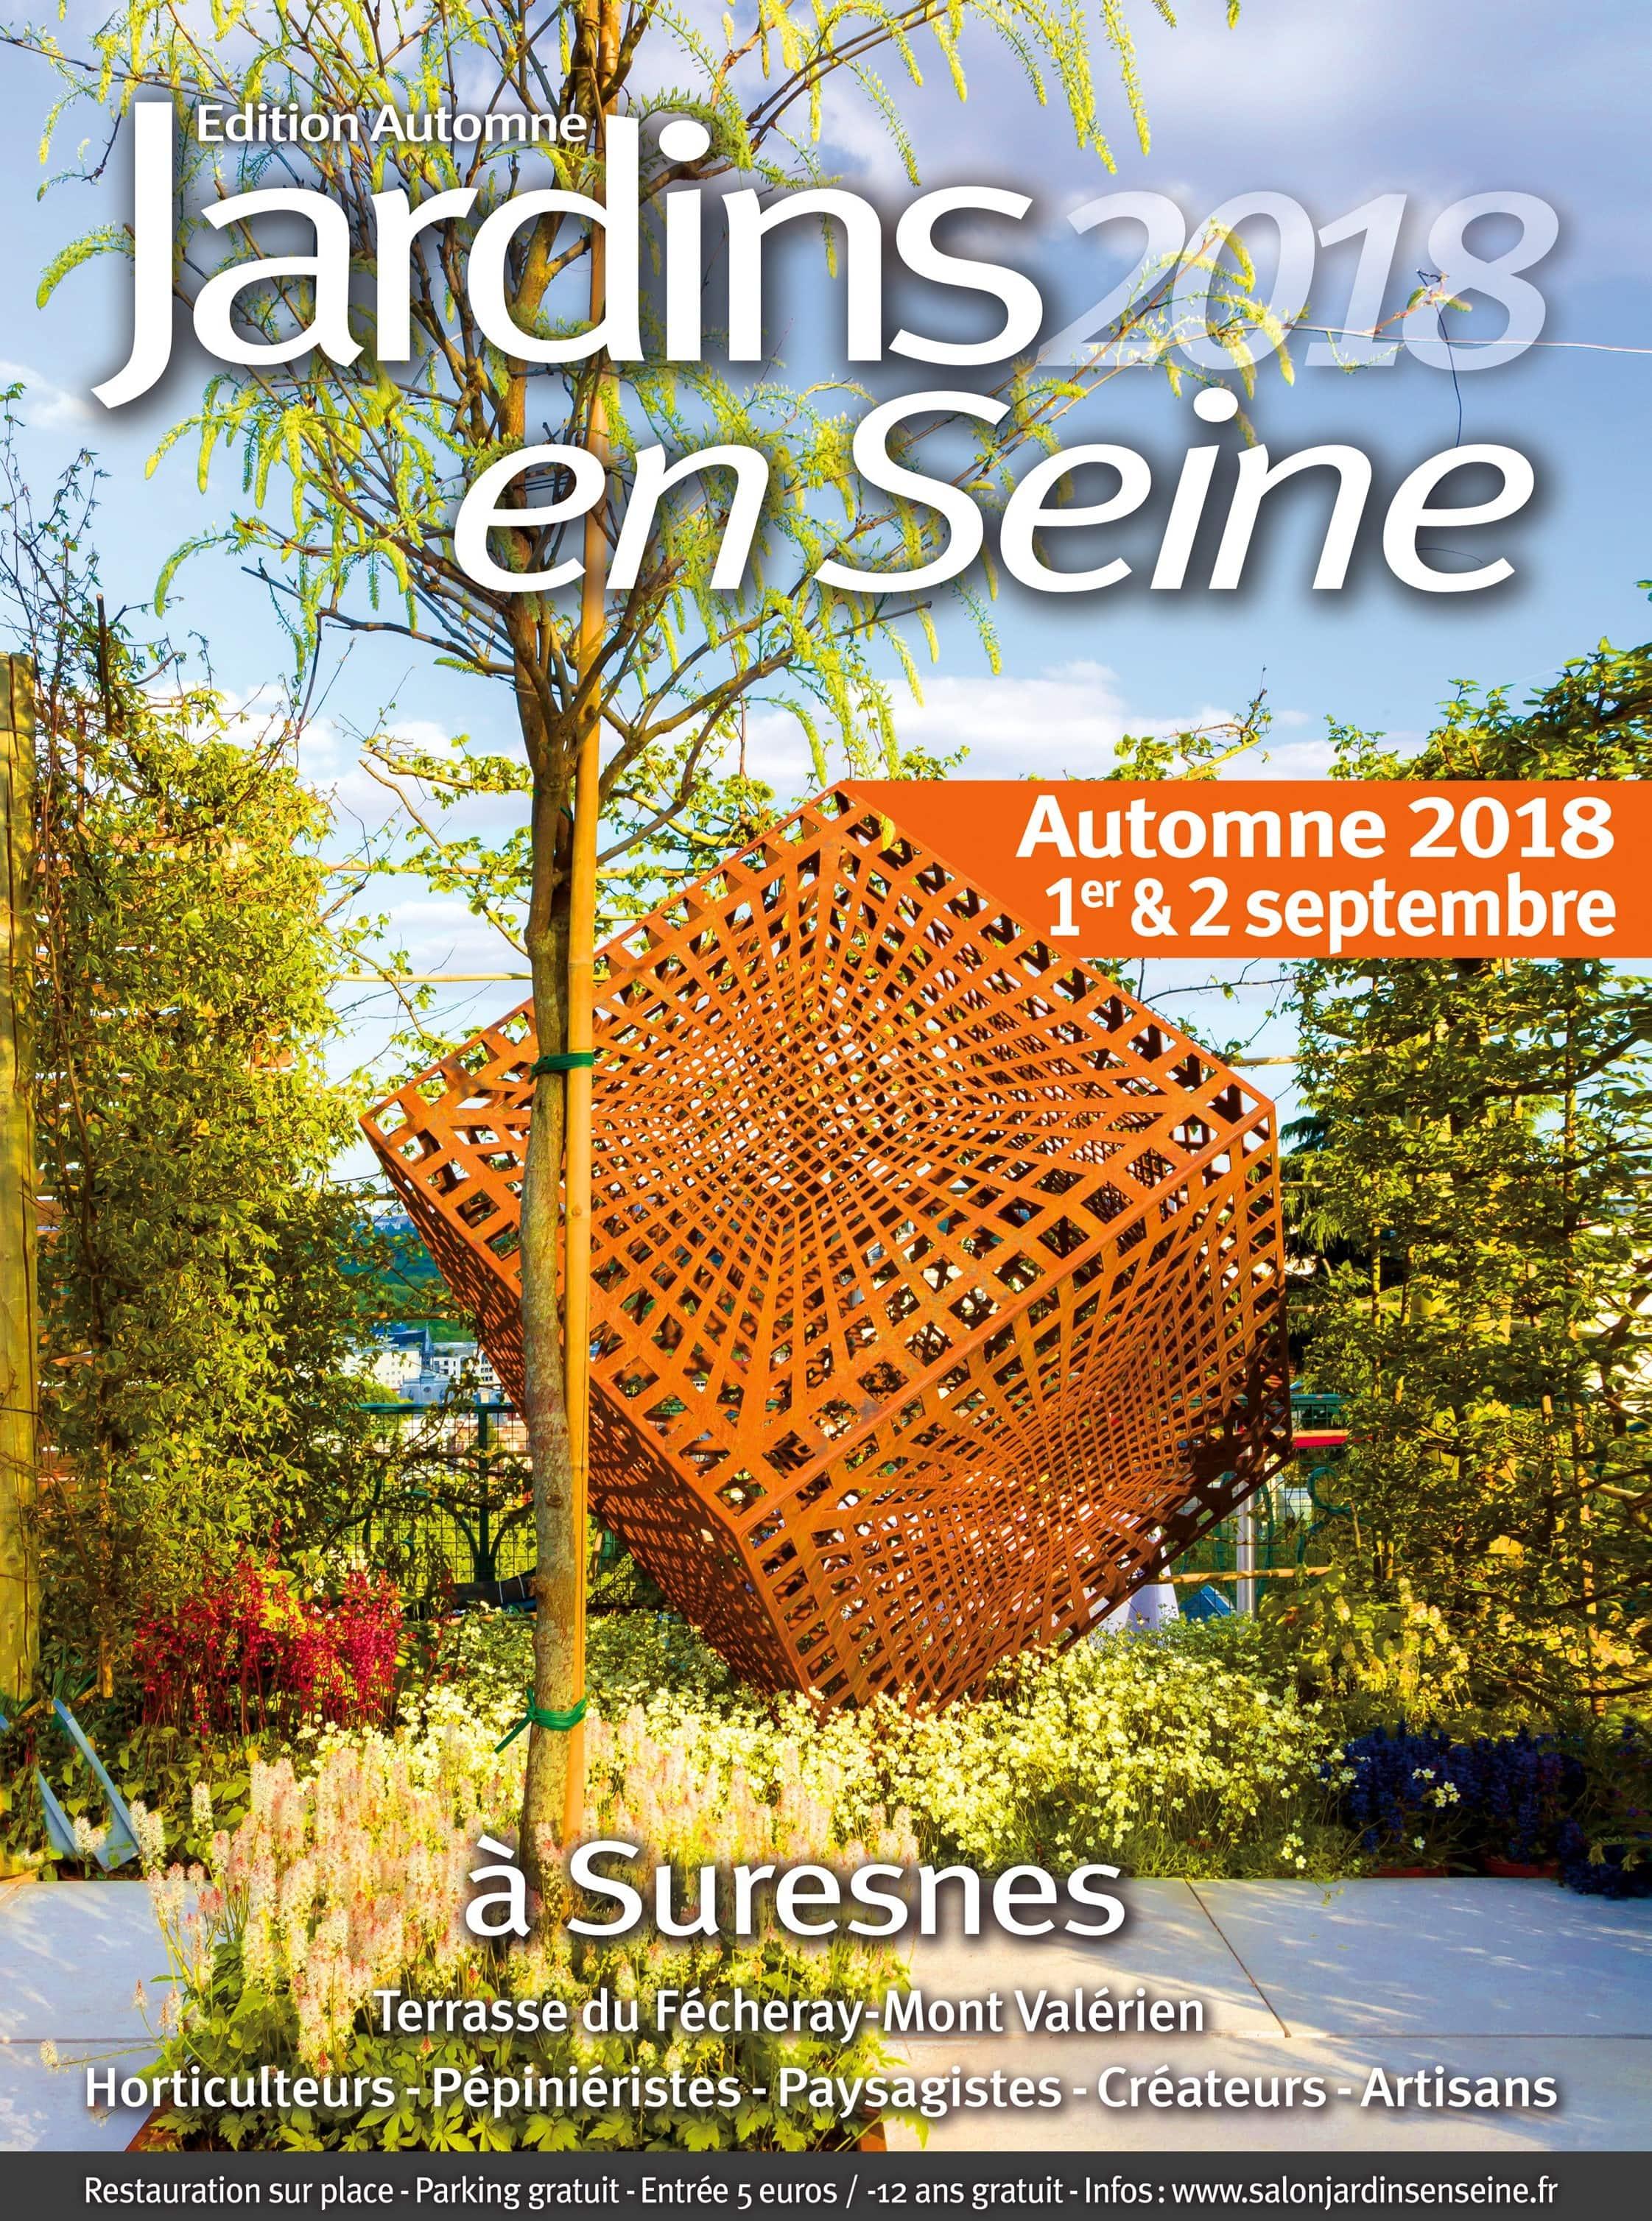 Jardins en Seine 2018 édition d'automne - Terrasses du Fécheray au pied du Mont-Valérien - SURESNES